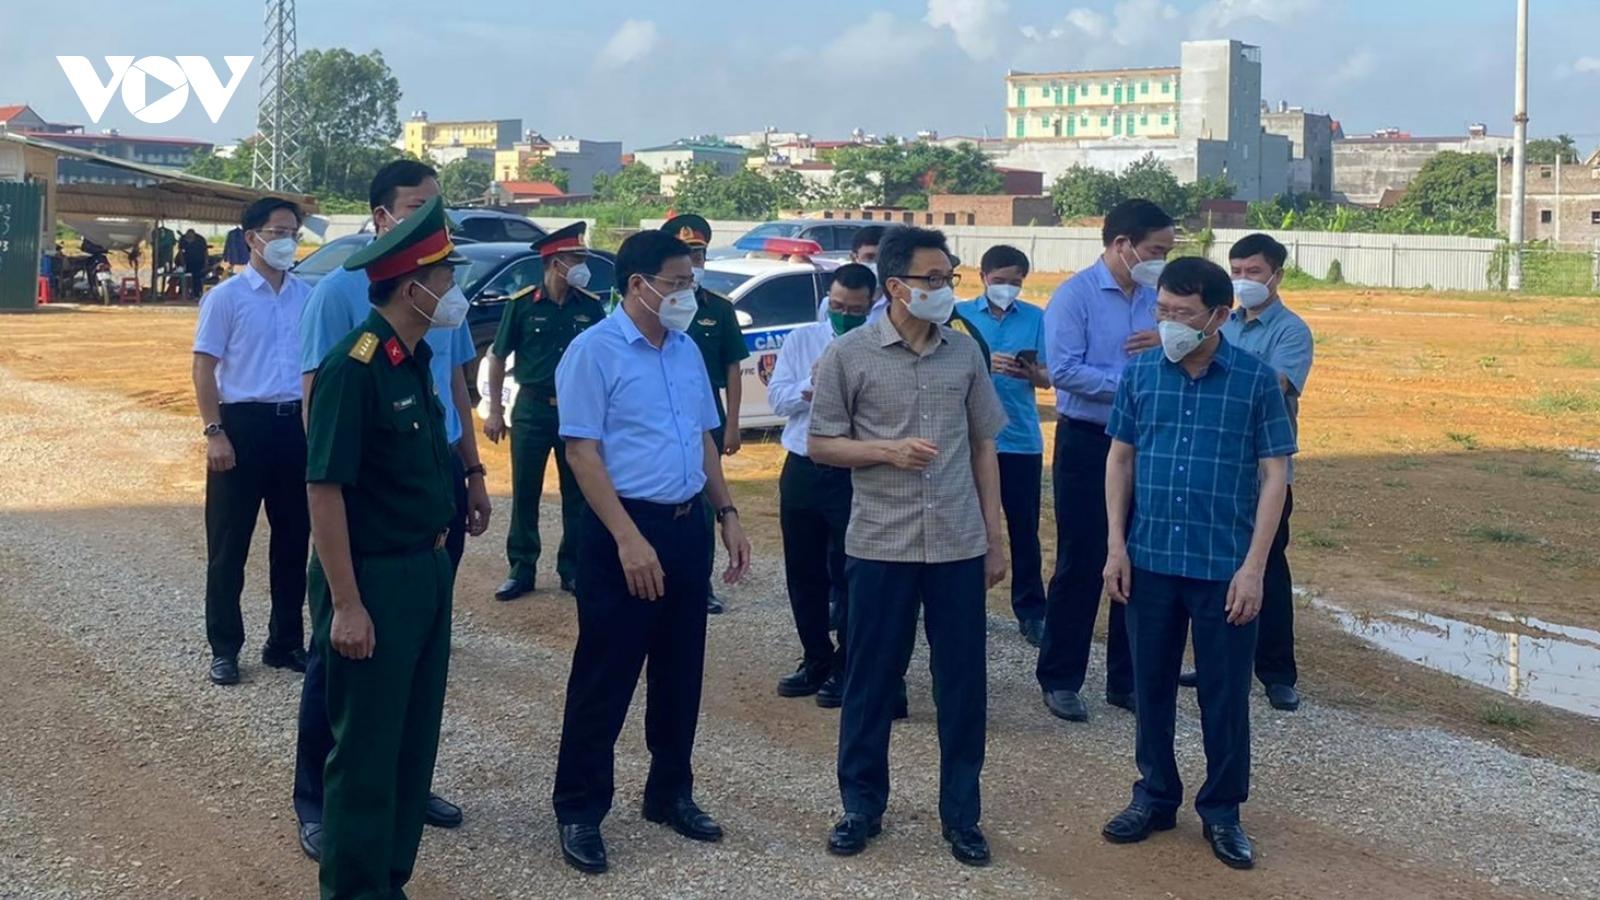 Phó Thủ tướng Vũ Đức Đam nêu 4 yêu cầu chống dịch tại Bắc Giang